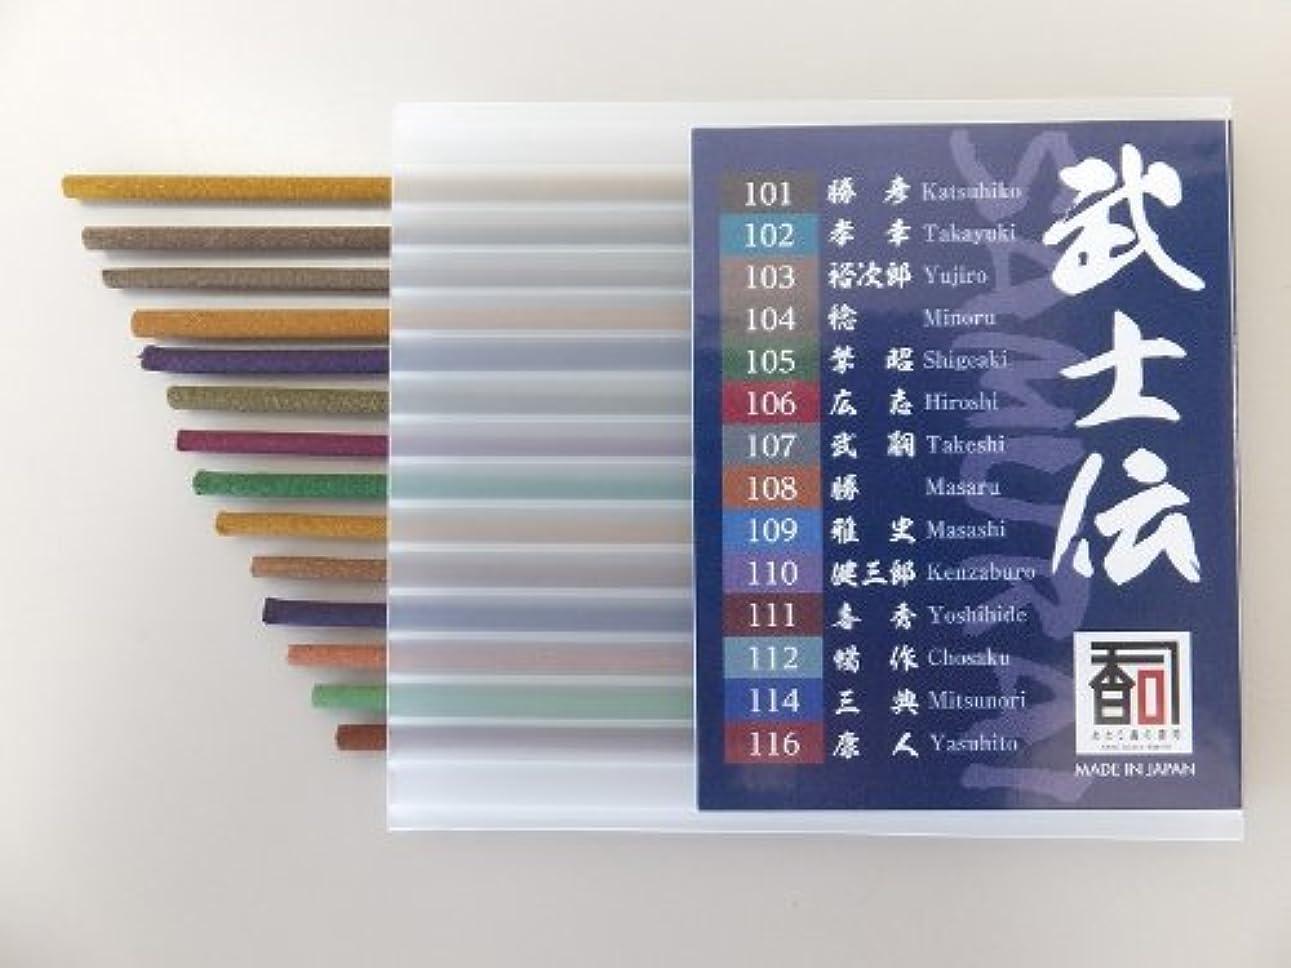 これまで変化一貫性のない「あわじ島の香司」 日本の香りシリーズ 【武士伝】 14本セット ◆経済産業大臣賞◆